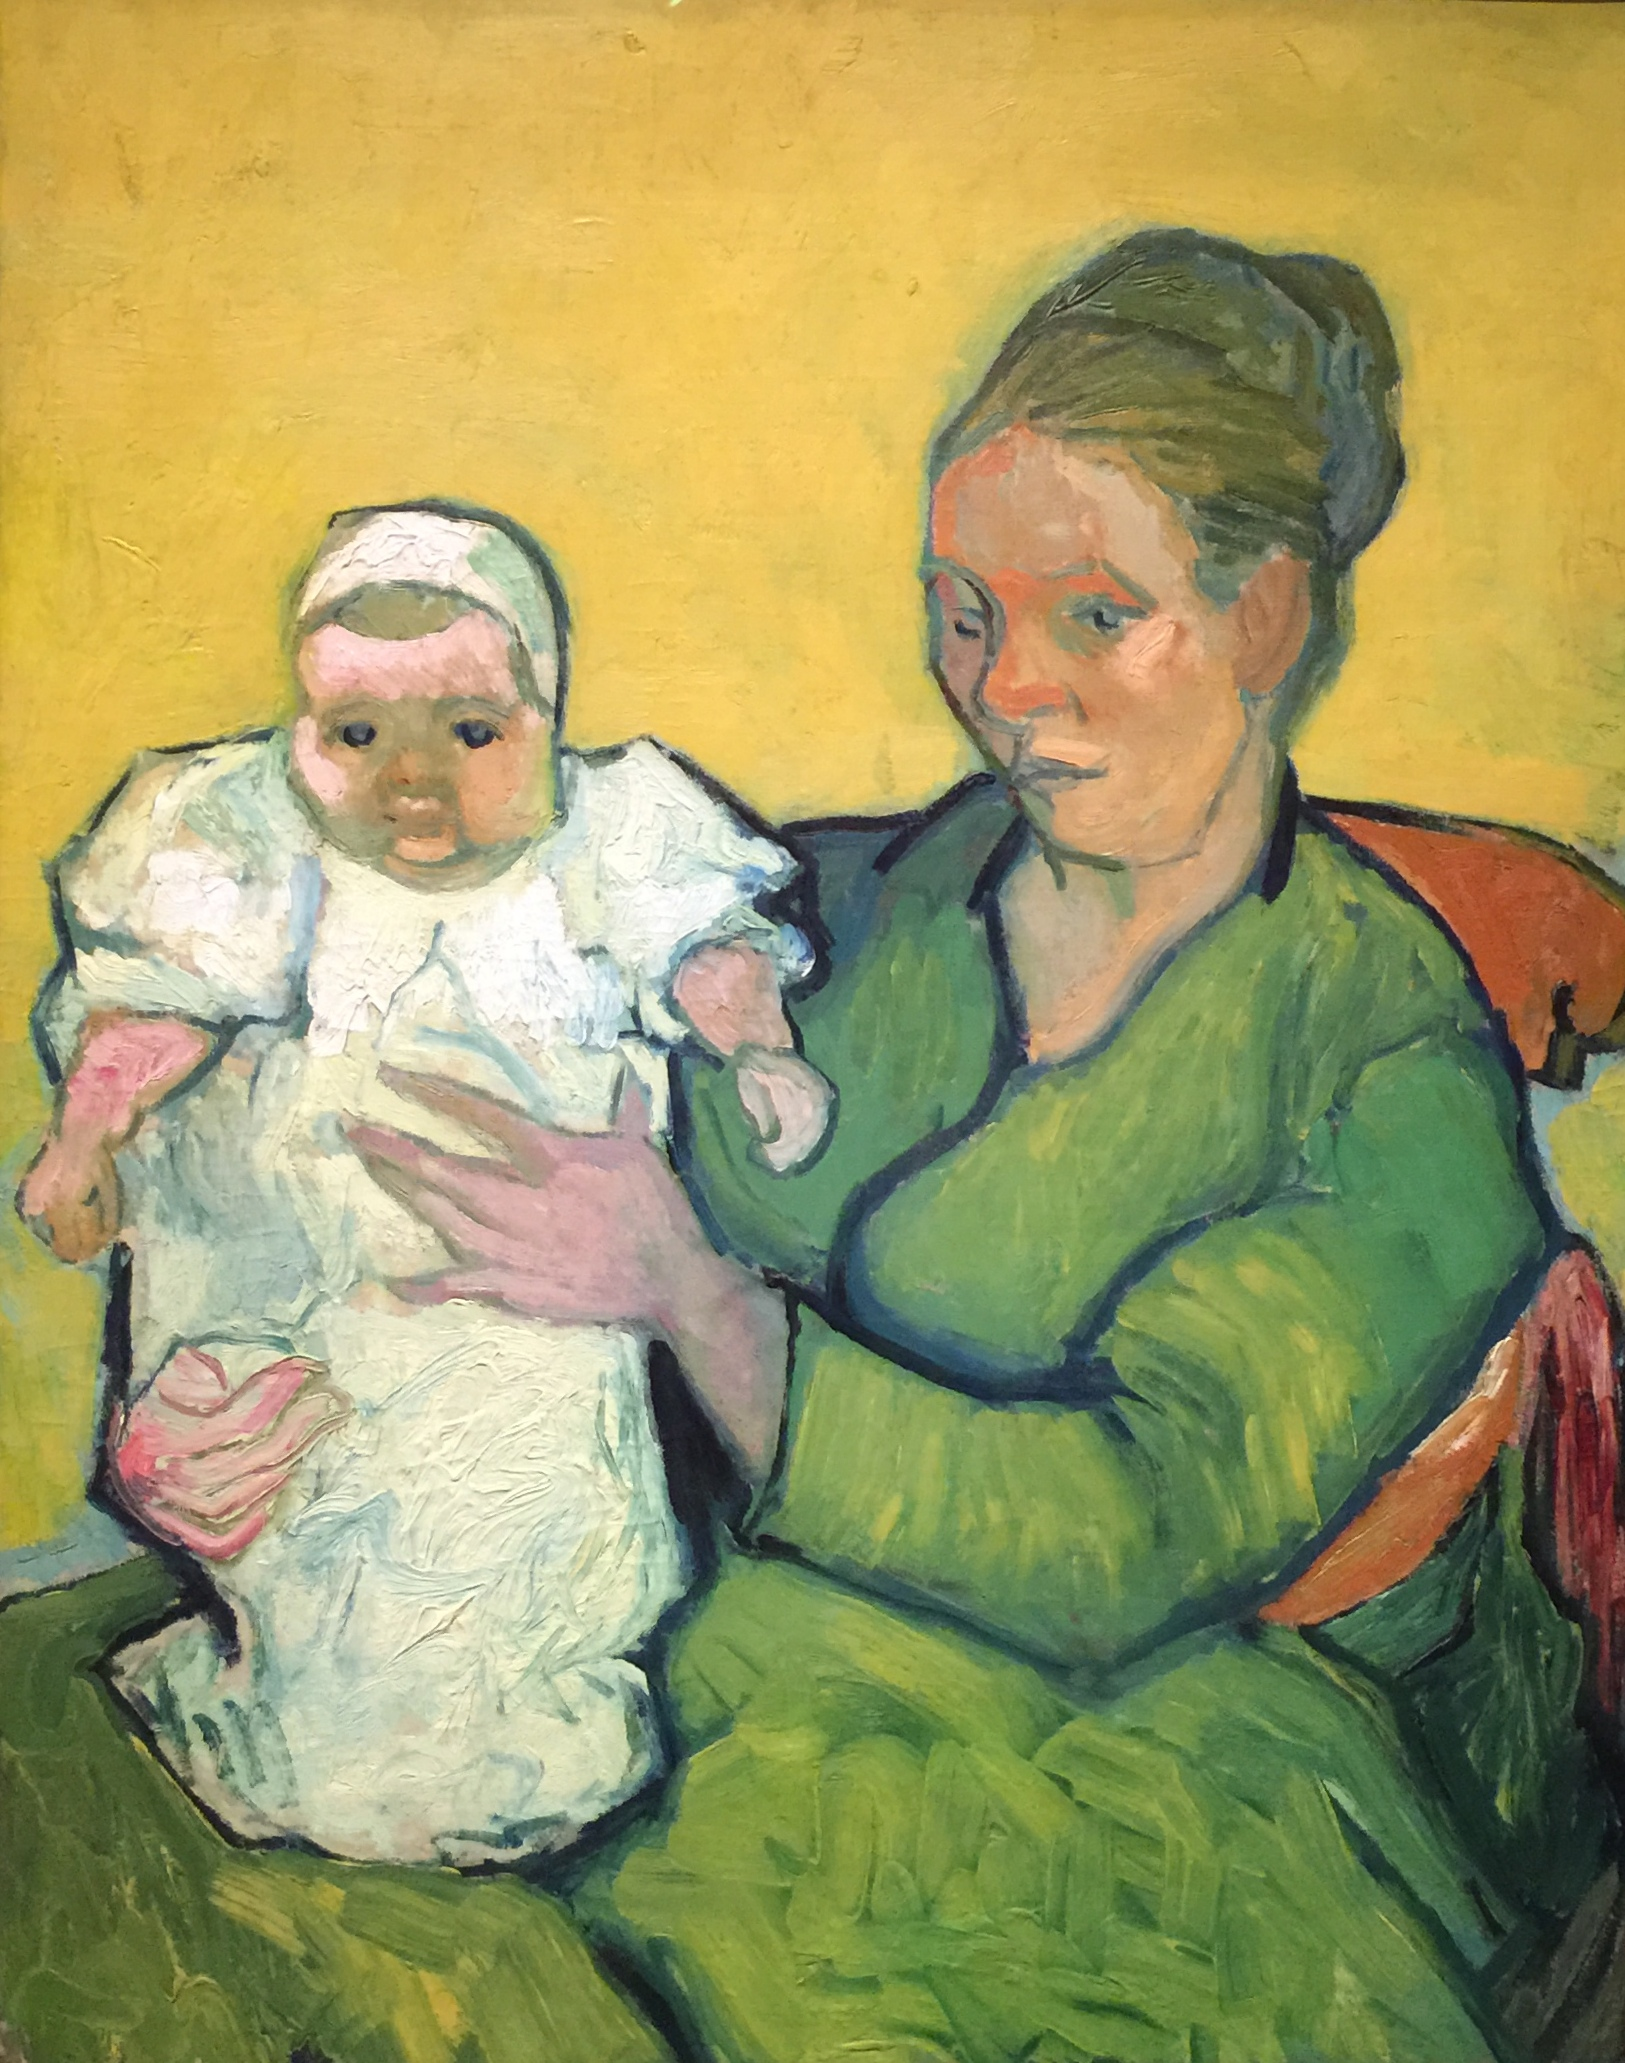 Αποτέλεσμα εικόνας για van gogh painting with mother